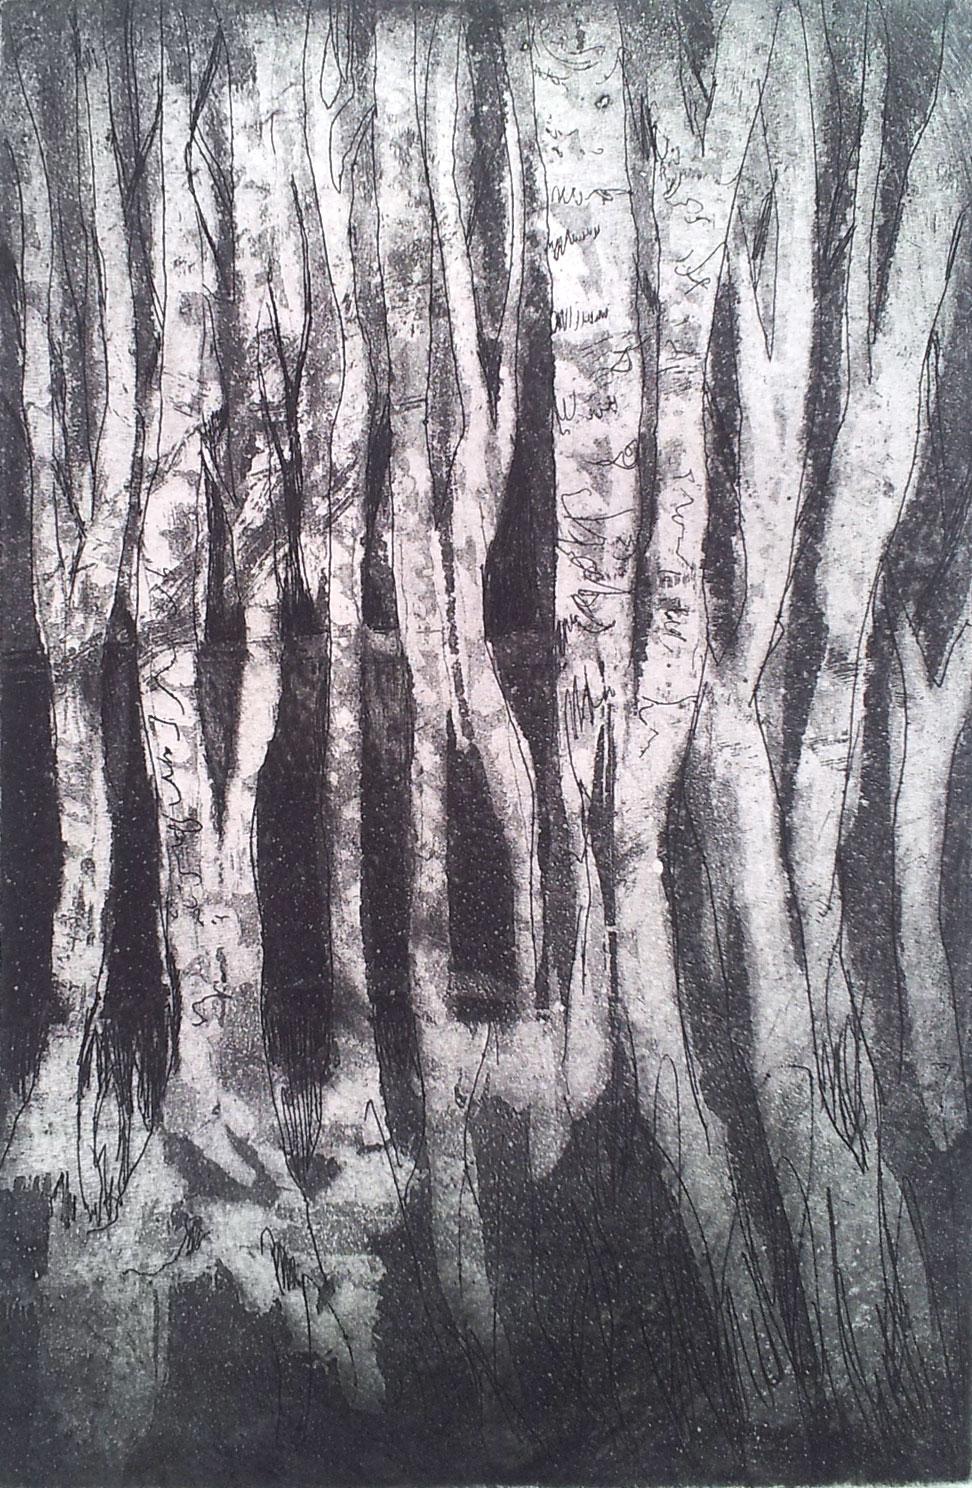 Etch 'Birch tree forest'